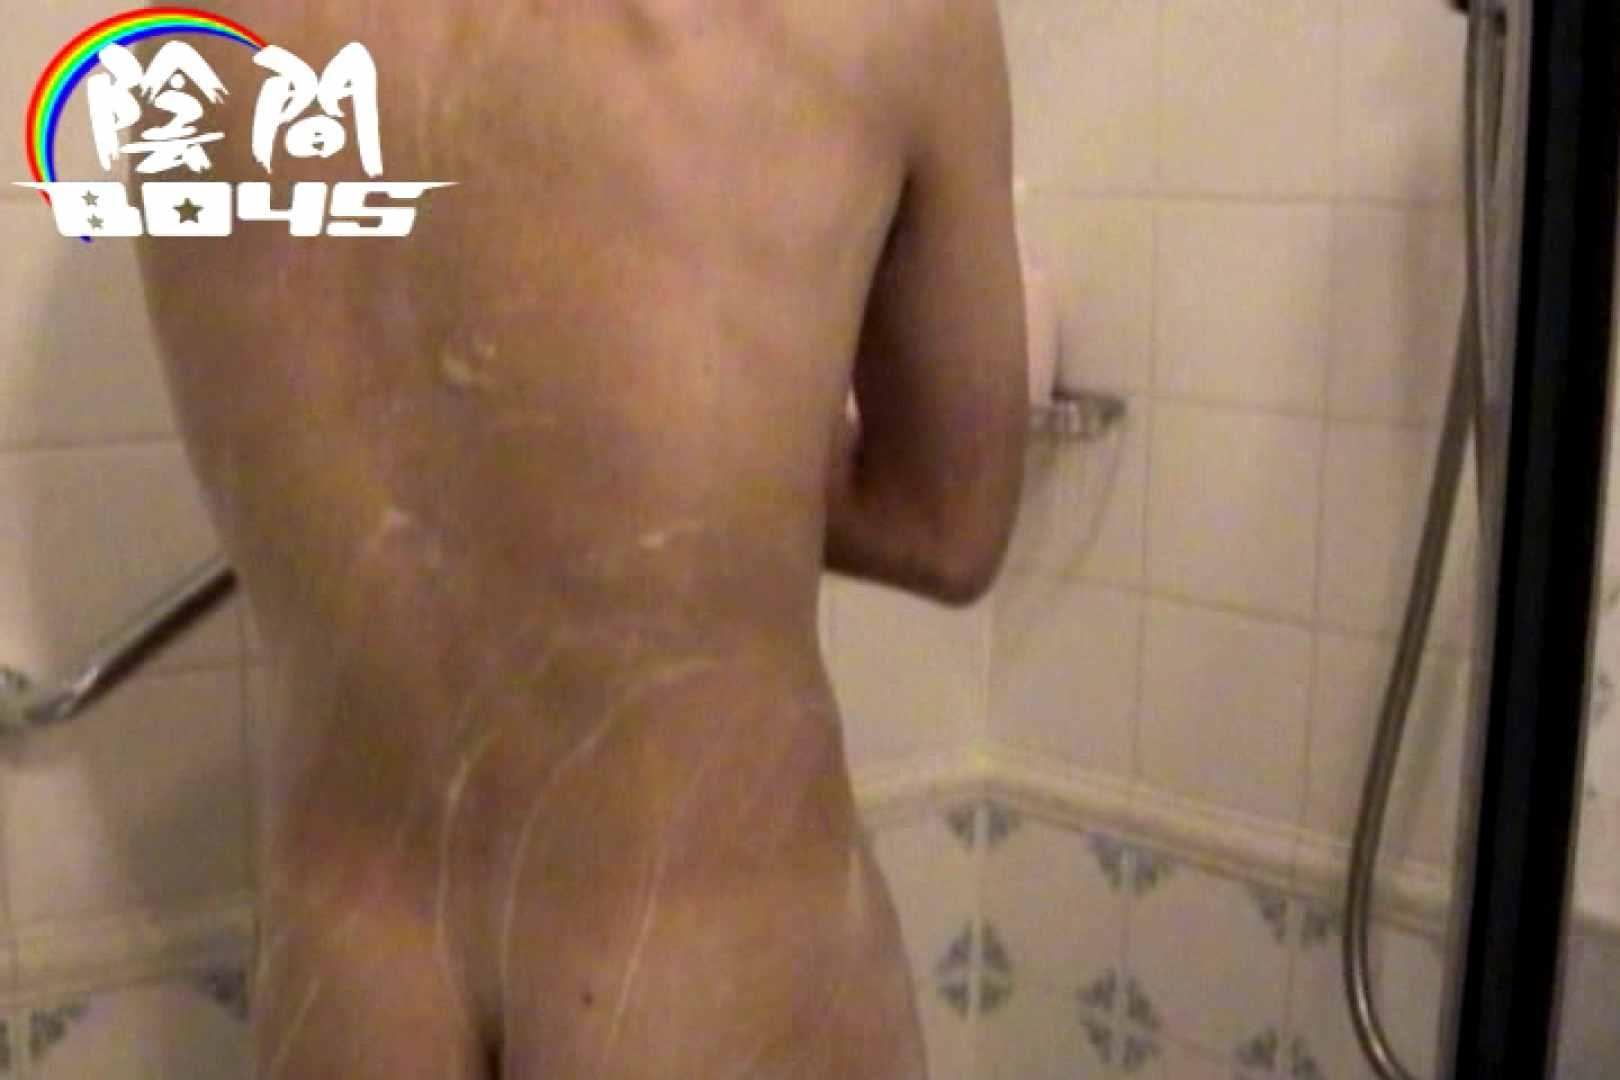 陰間BOYS~Mixed Hot-Guy~01 イケメン ケツマンスケベ画像 70枚 30